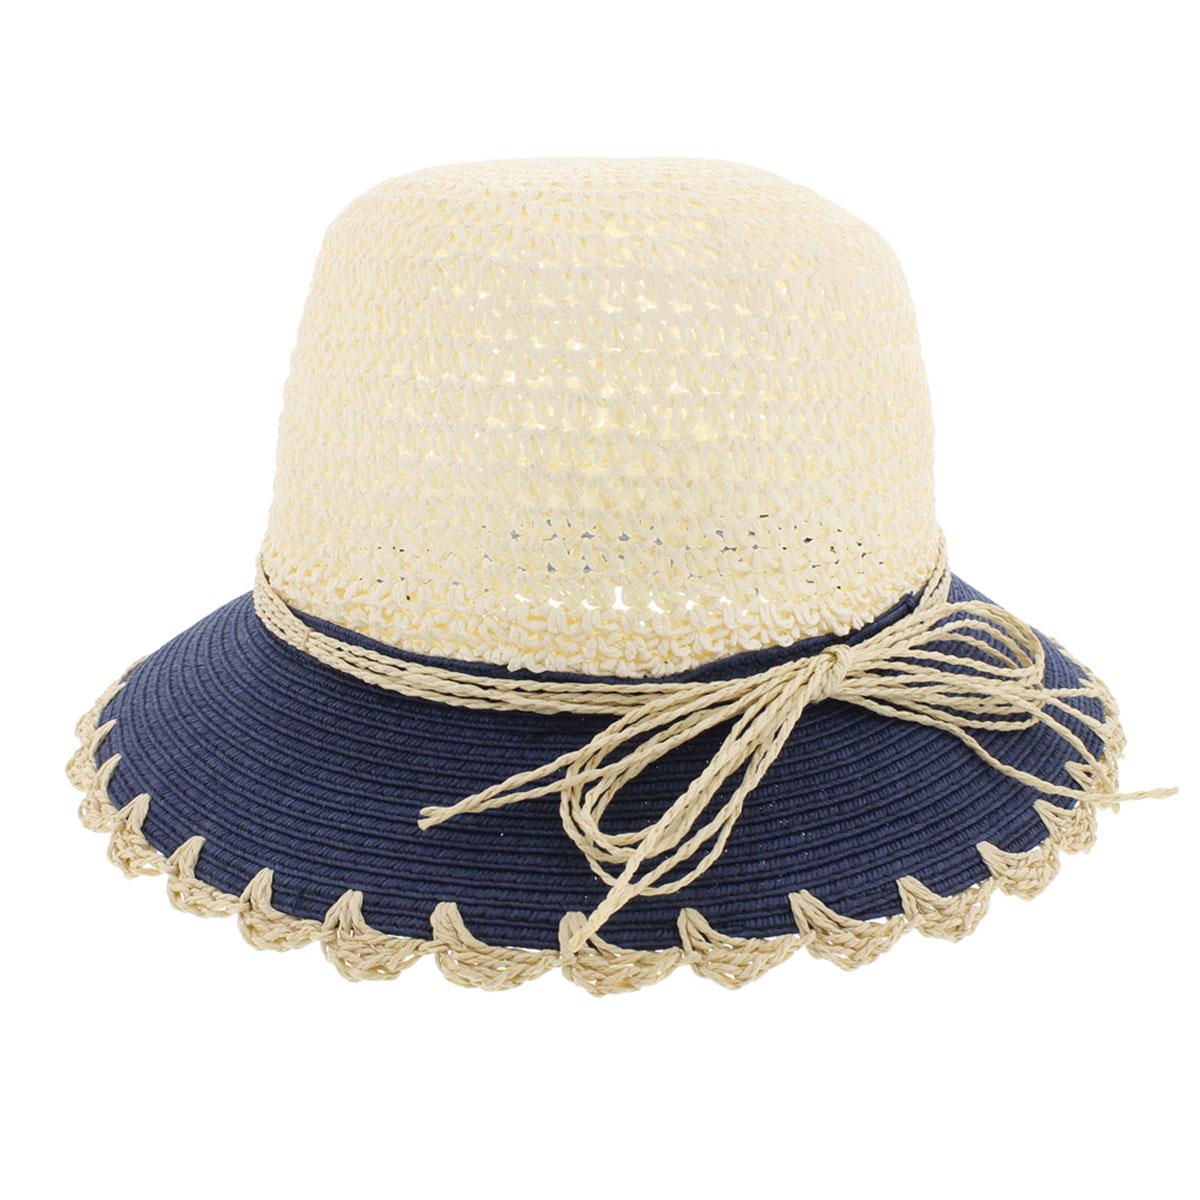 77-140-02Летняя женская шляпа R.Mountain Romy станет незаменимым аксессуаром для пляжа и отдыха на природе. Такая шляпка не только защитит вас от солнца, но и станет стильным дополнением вашего образа. Модель украшена соломенной лентой вокруг тульи. Края полей также отделаны оригинальными вензелями из соломки. Плетение шляпы обеспечивает необходимую вентиляцию и комфорт даже в самый знойный день. Шляпа легко восстанавливает свою форму после сжатия. Эта элегантная легкая шляпка подчеркнет вашу неповторимость и дополнит ваш повседневный образ.